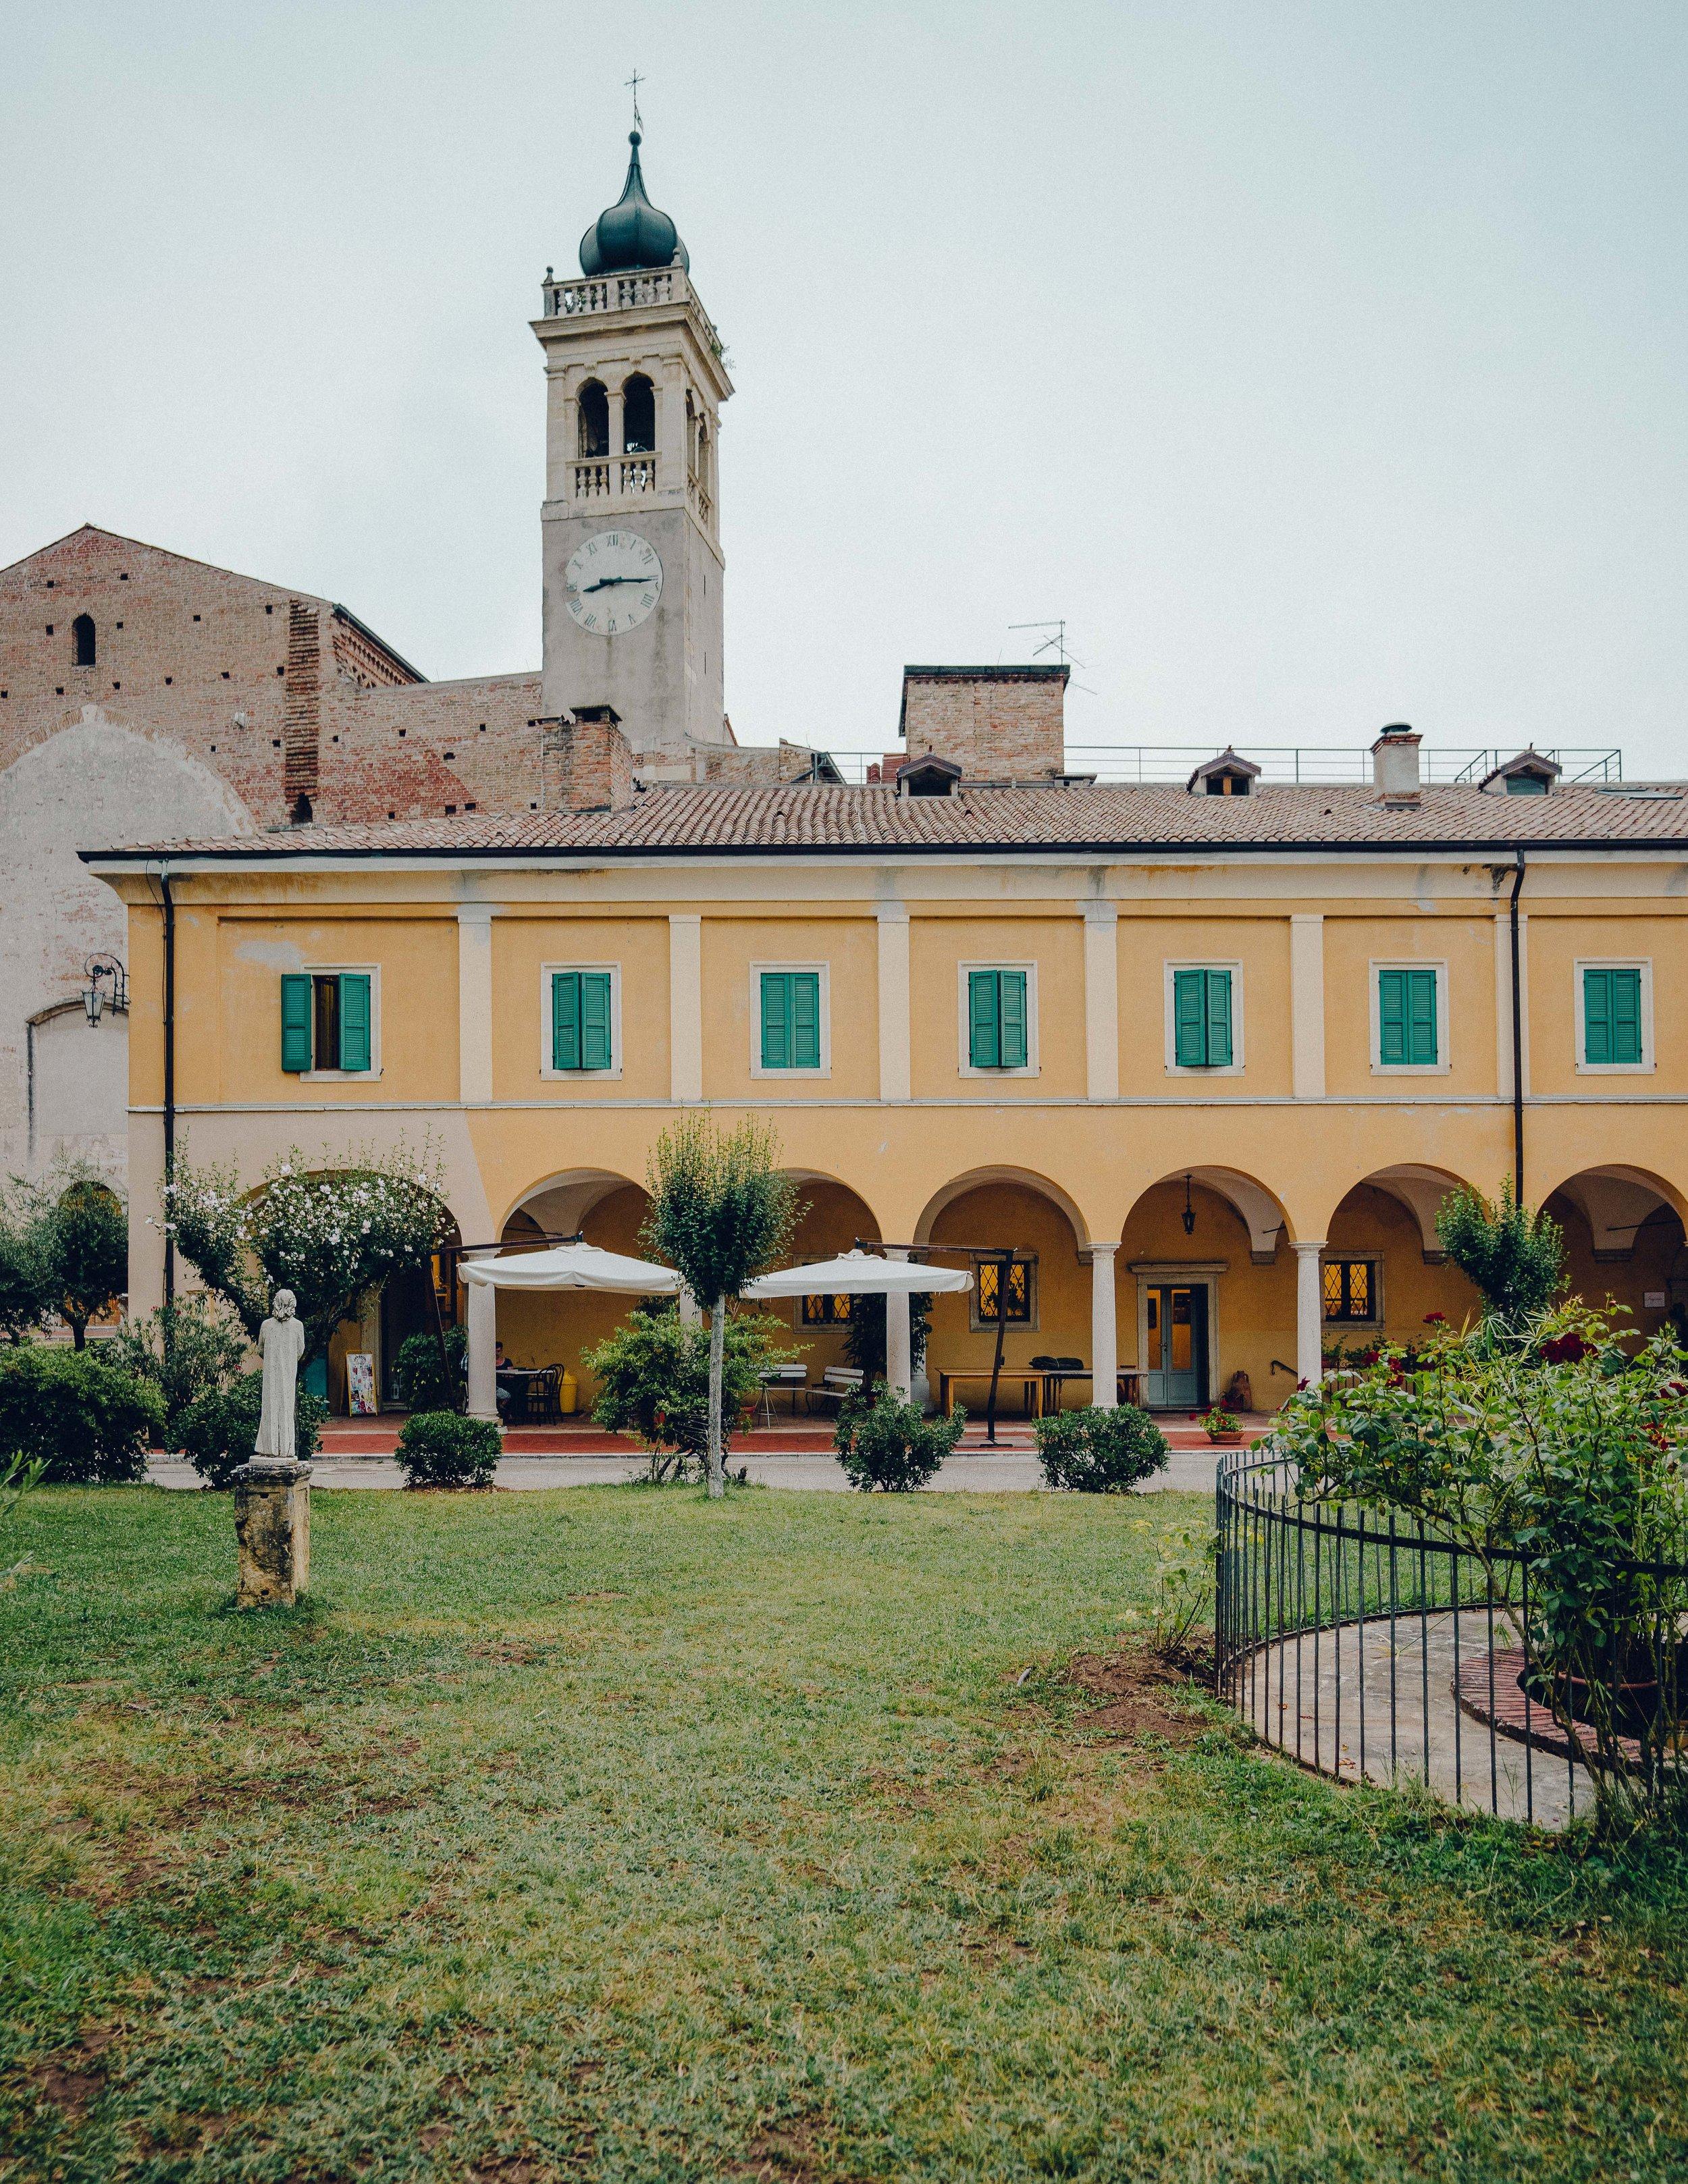 ASROSENVINGE_Roadtrip_Italy_Veneto-06672.jpg